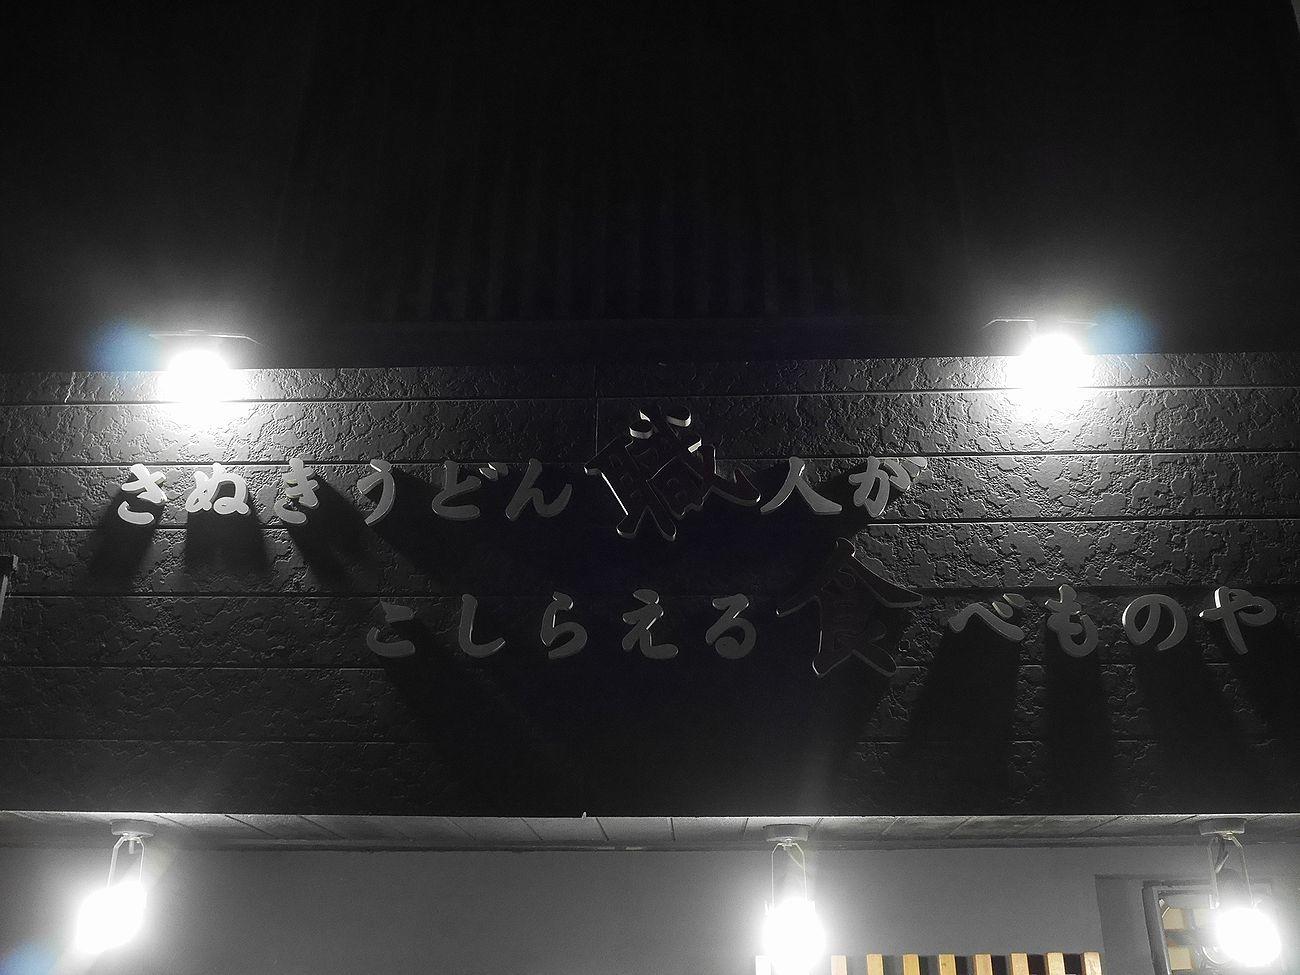 _1310053.jpg